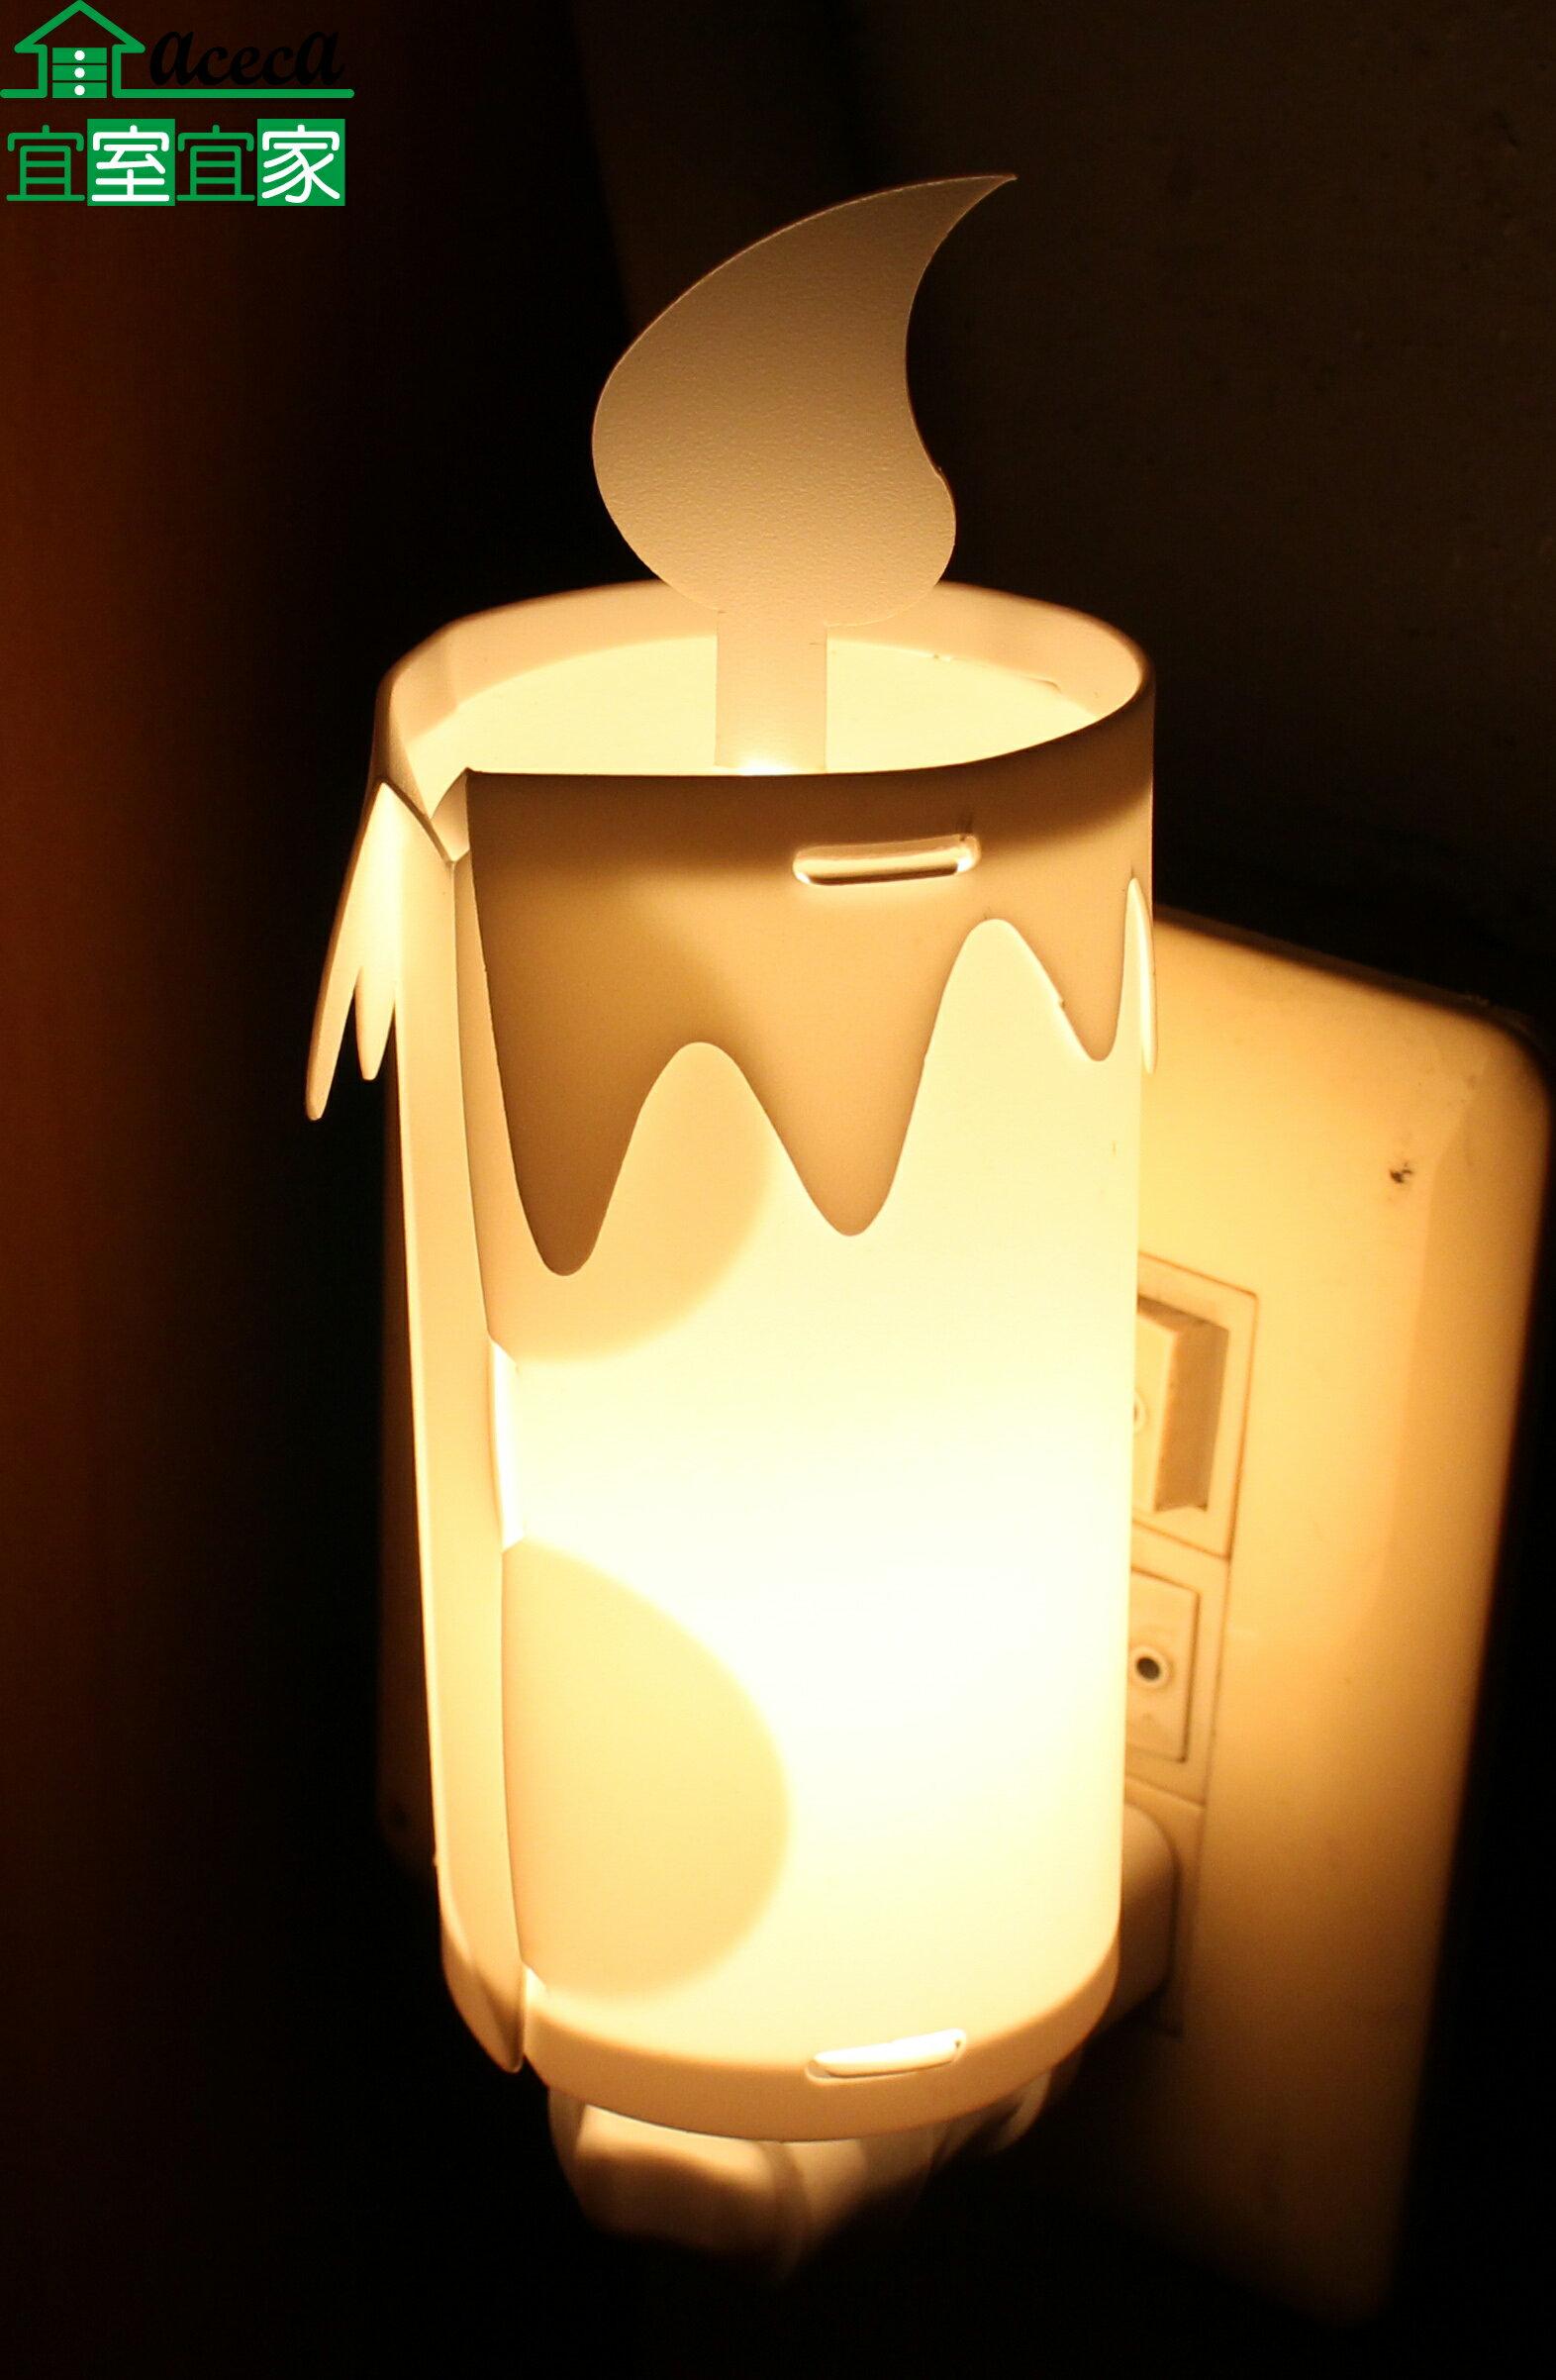 小夜燈 床頭燈 創意 造型 浪漫 夜生活 送禮 MIT 台灣製 蠟燭造型【宜室宜家CYF05W】